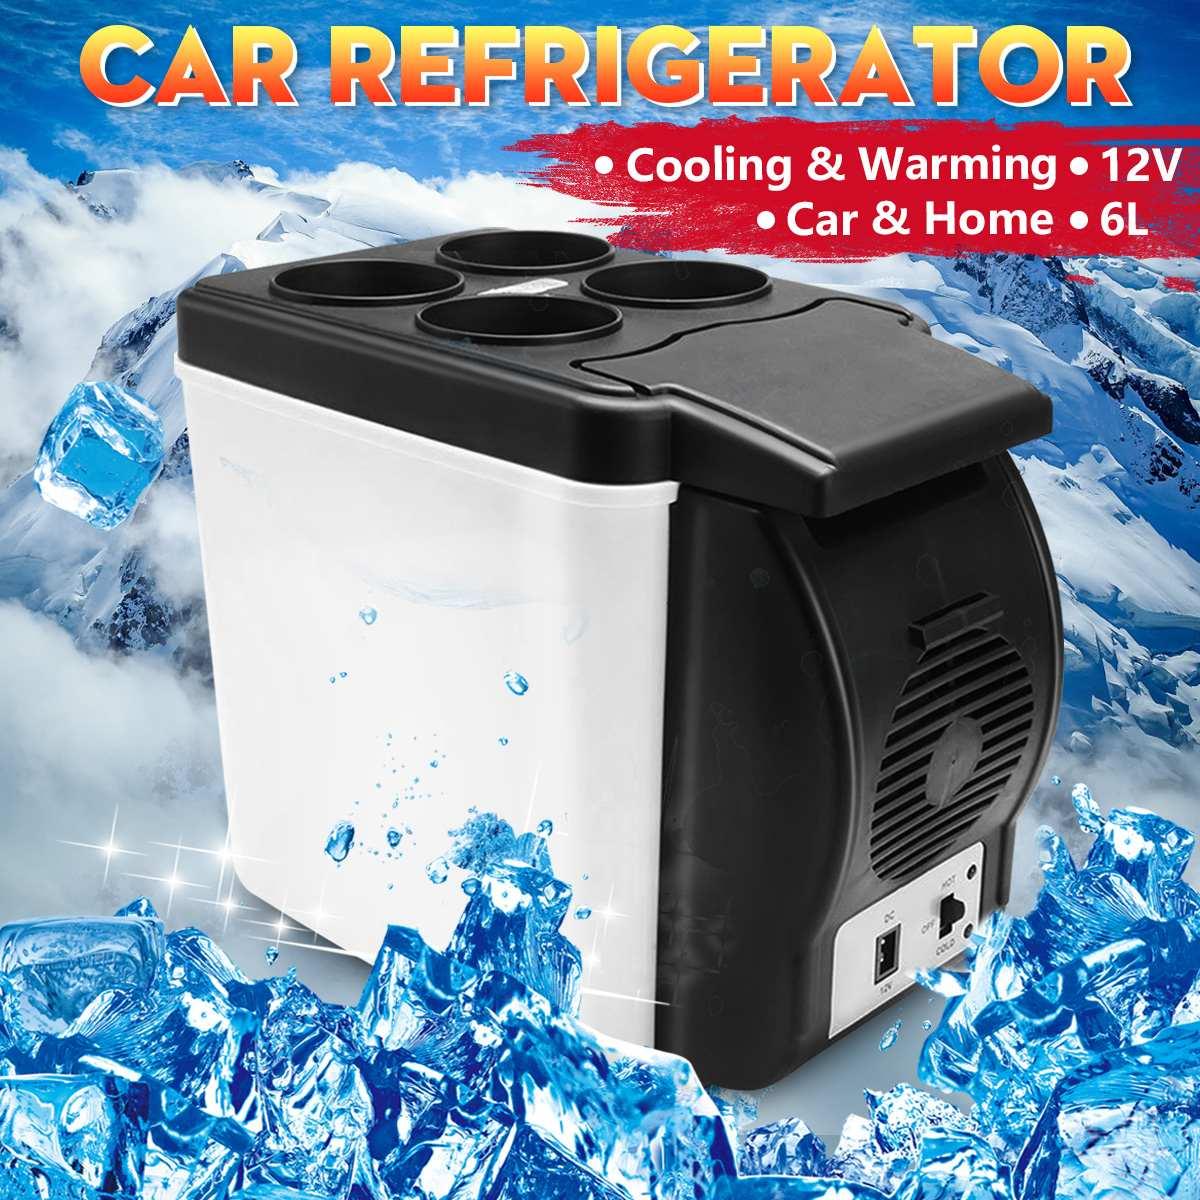 6L Mini maison Camping réfrigérateur électrique Cool Box refroidisseur et plus chaud 12 V voyage Portable boîte congélateur pour voiture Auto camion